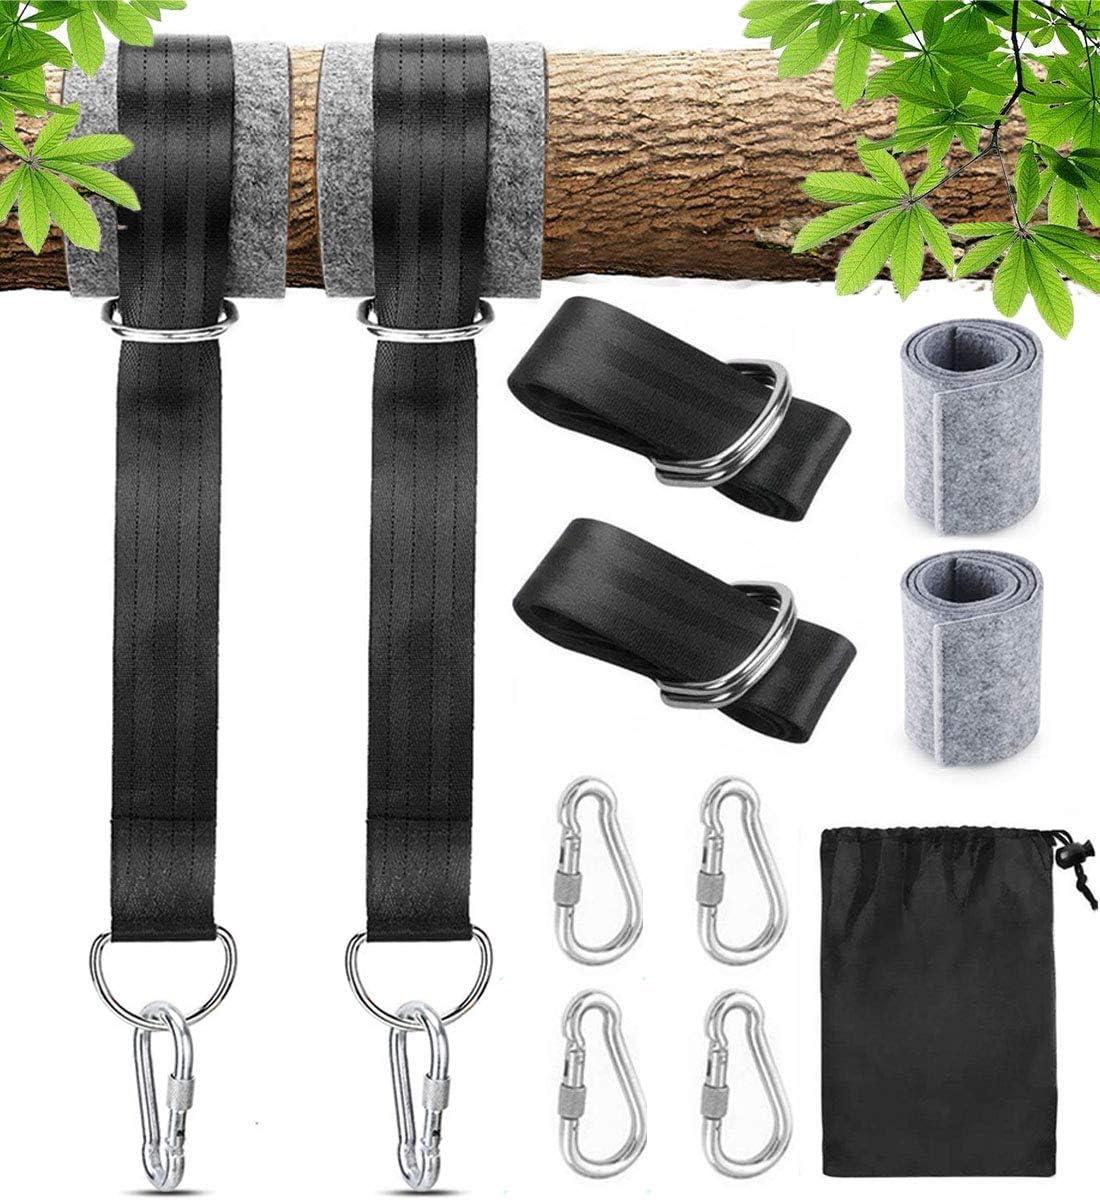 Arespark Correas de Hamacas, Columpio de Árboles para Exteriores de 1.5M, Suspensión de Hamaca Colgar al árbol con 4 Mosquetones (Máx. 600 kg)